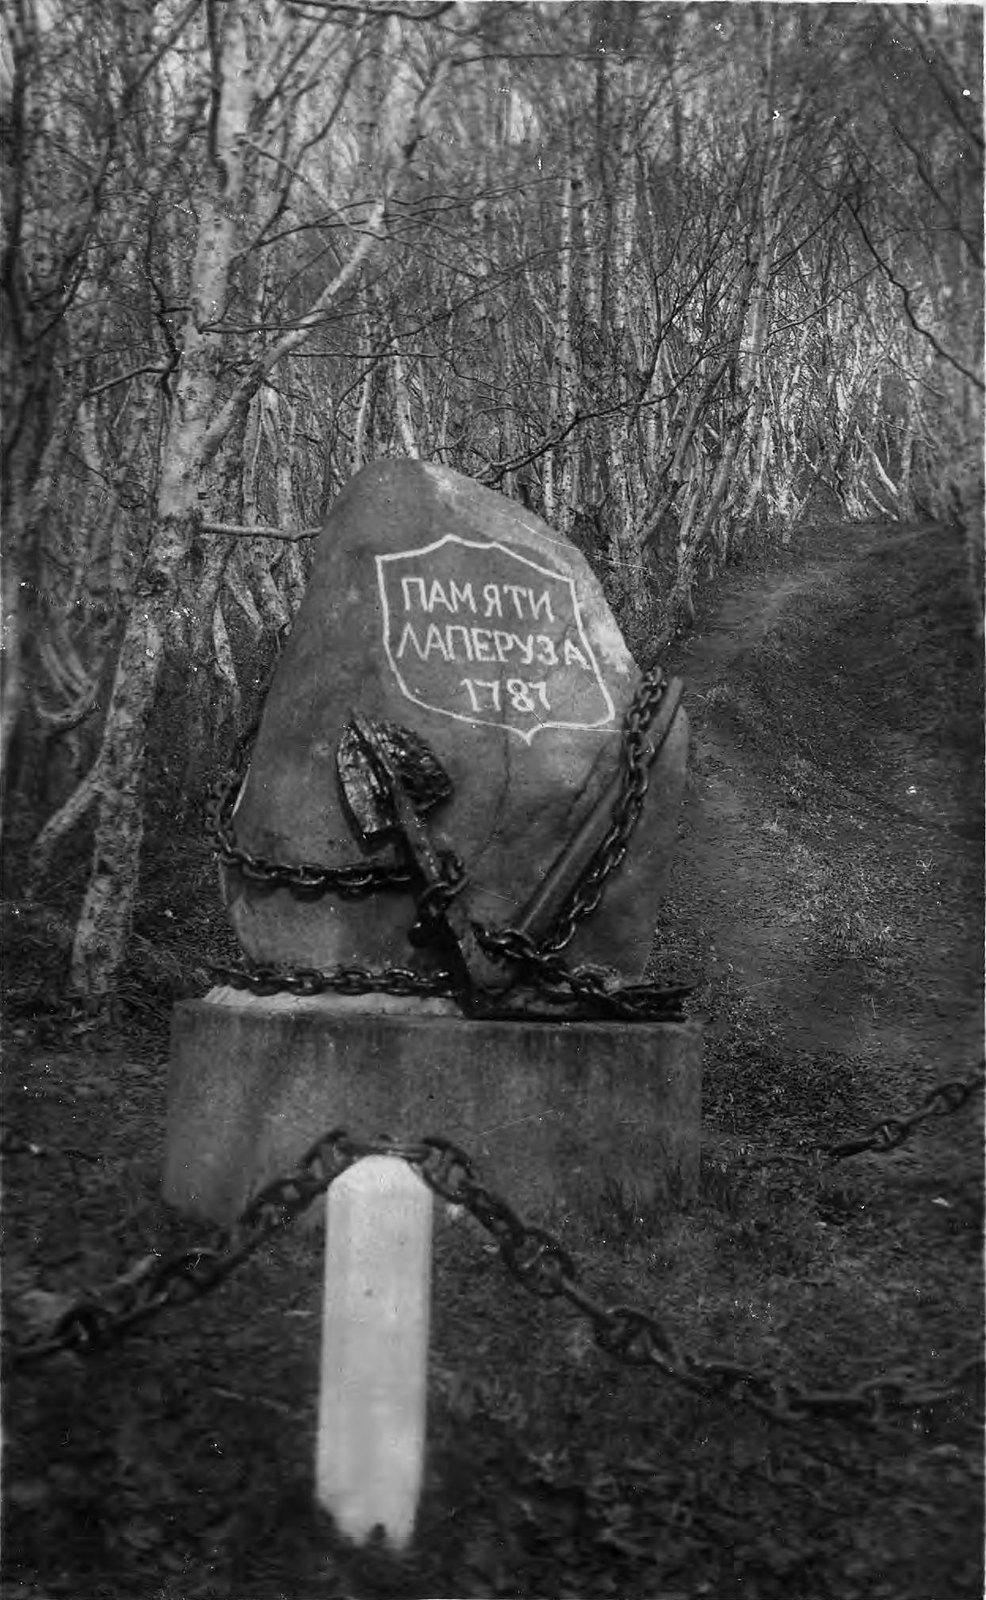 1910. Памятник французскому мореплавателю Ж.Ф.Лаперузу, установленный корветом «Забияка» в 1895 г. на перешейке между Сигнальной и Никольской сопками